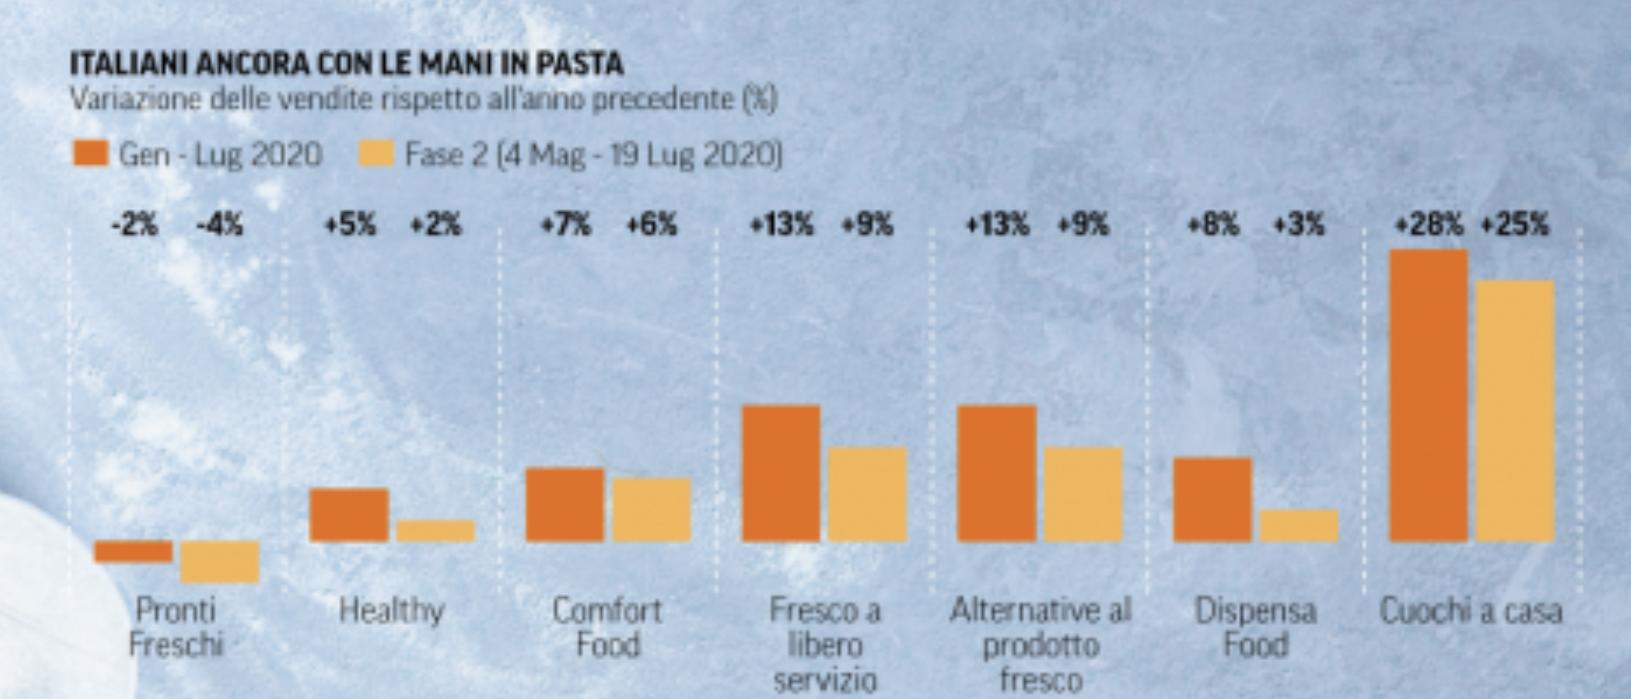 010 - italiani in pasta